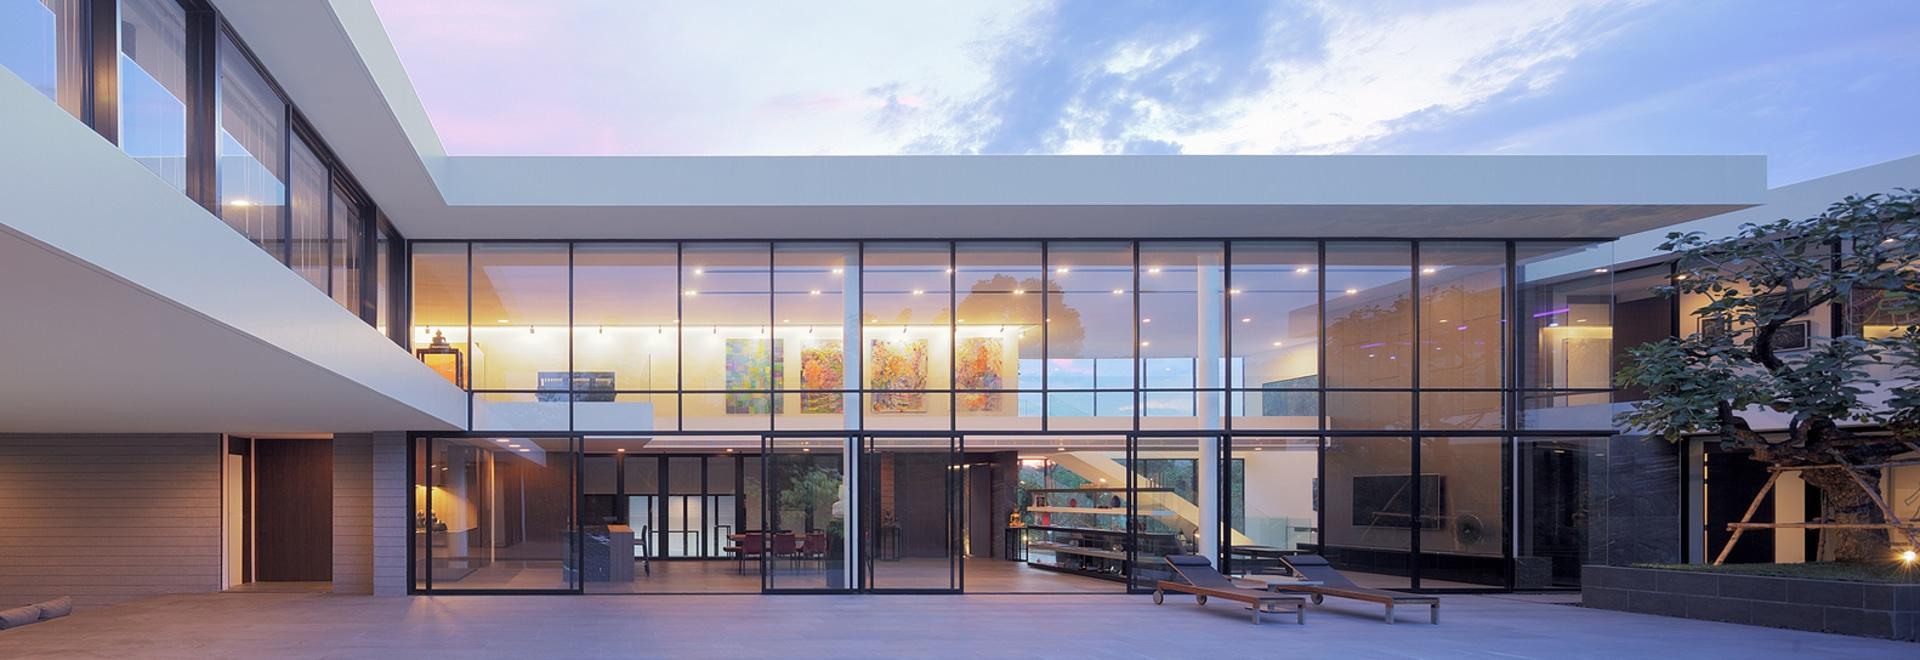 La casa horizontal/Ayutt y los socios diseñan